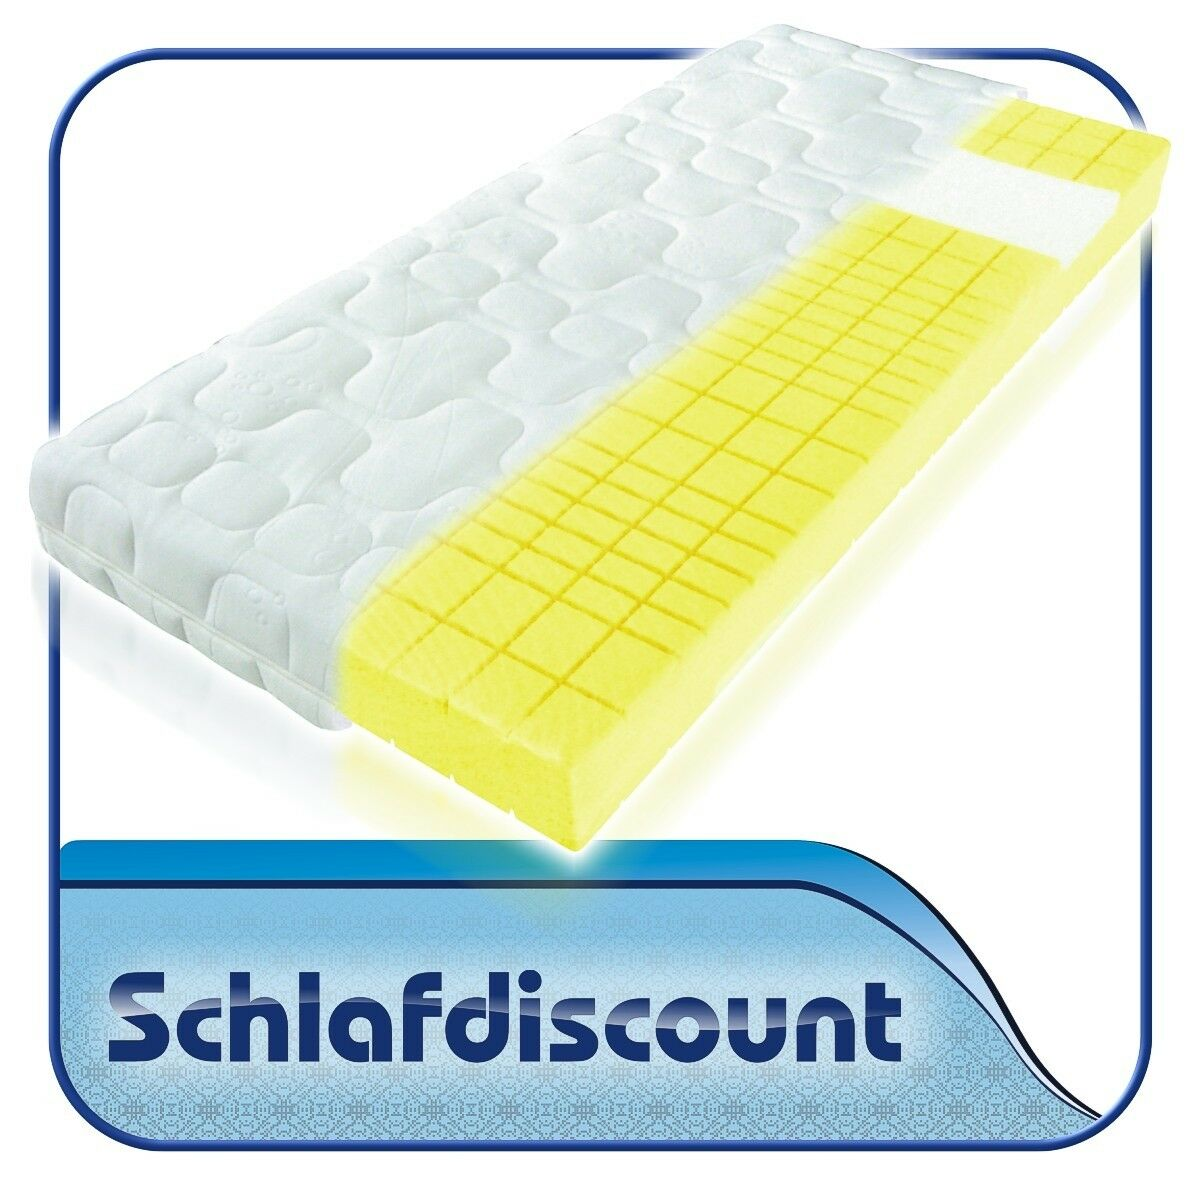 7-Zonen Kaltschaummatratze 180x200cm H4 - ideal für Seitenschläfer, Schulterzone